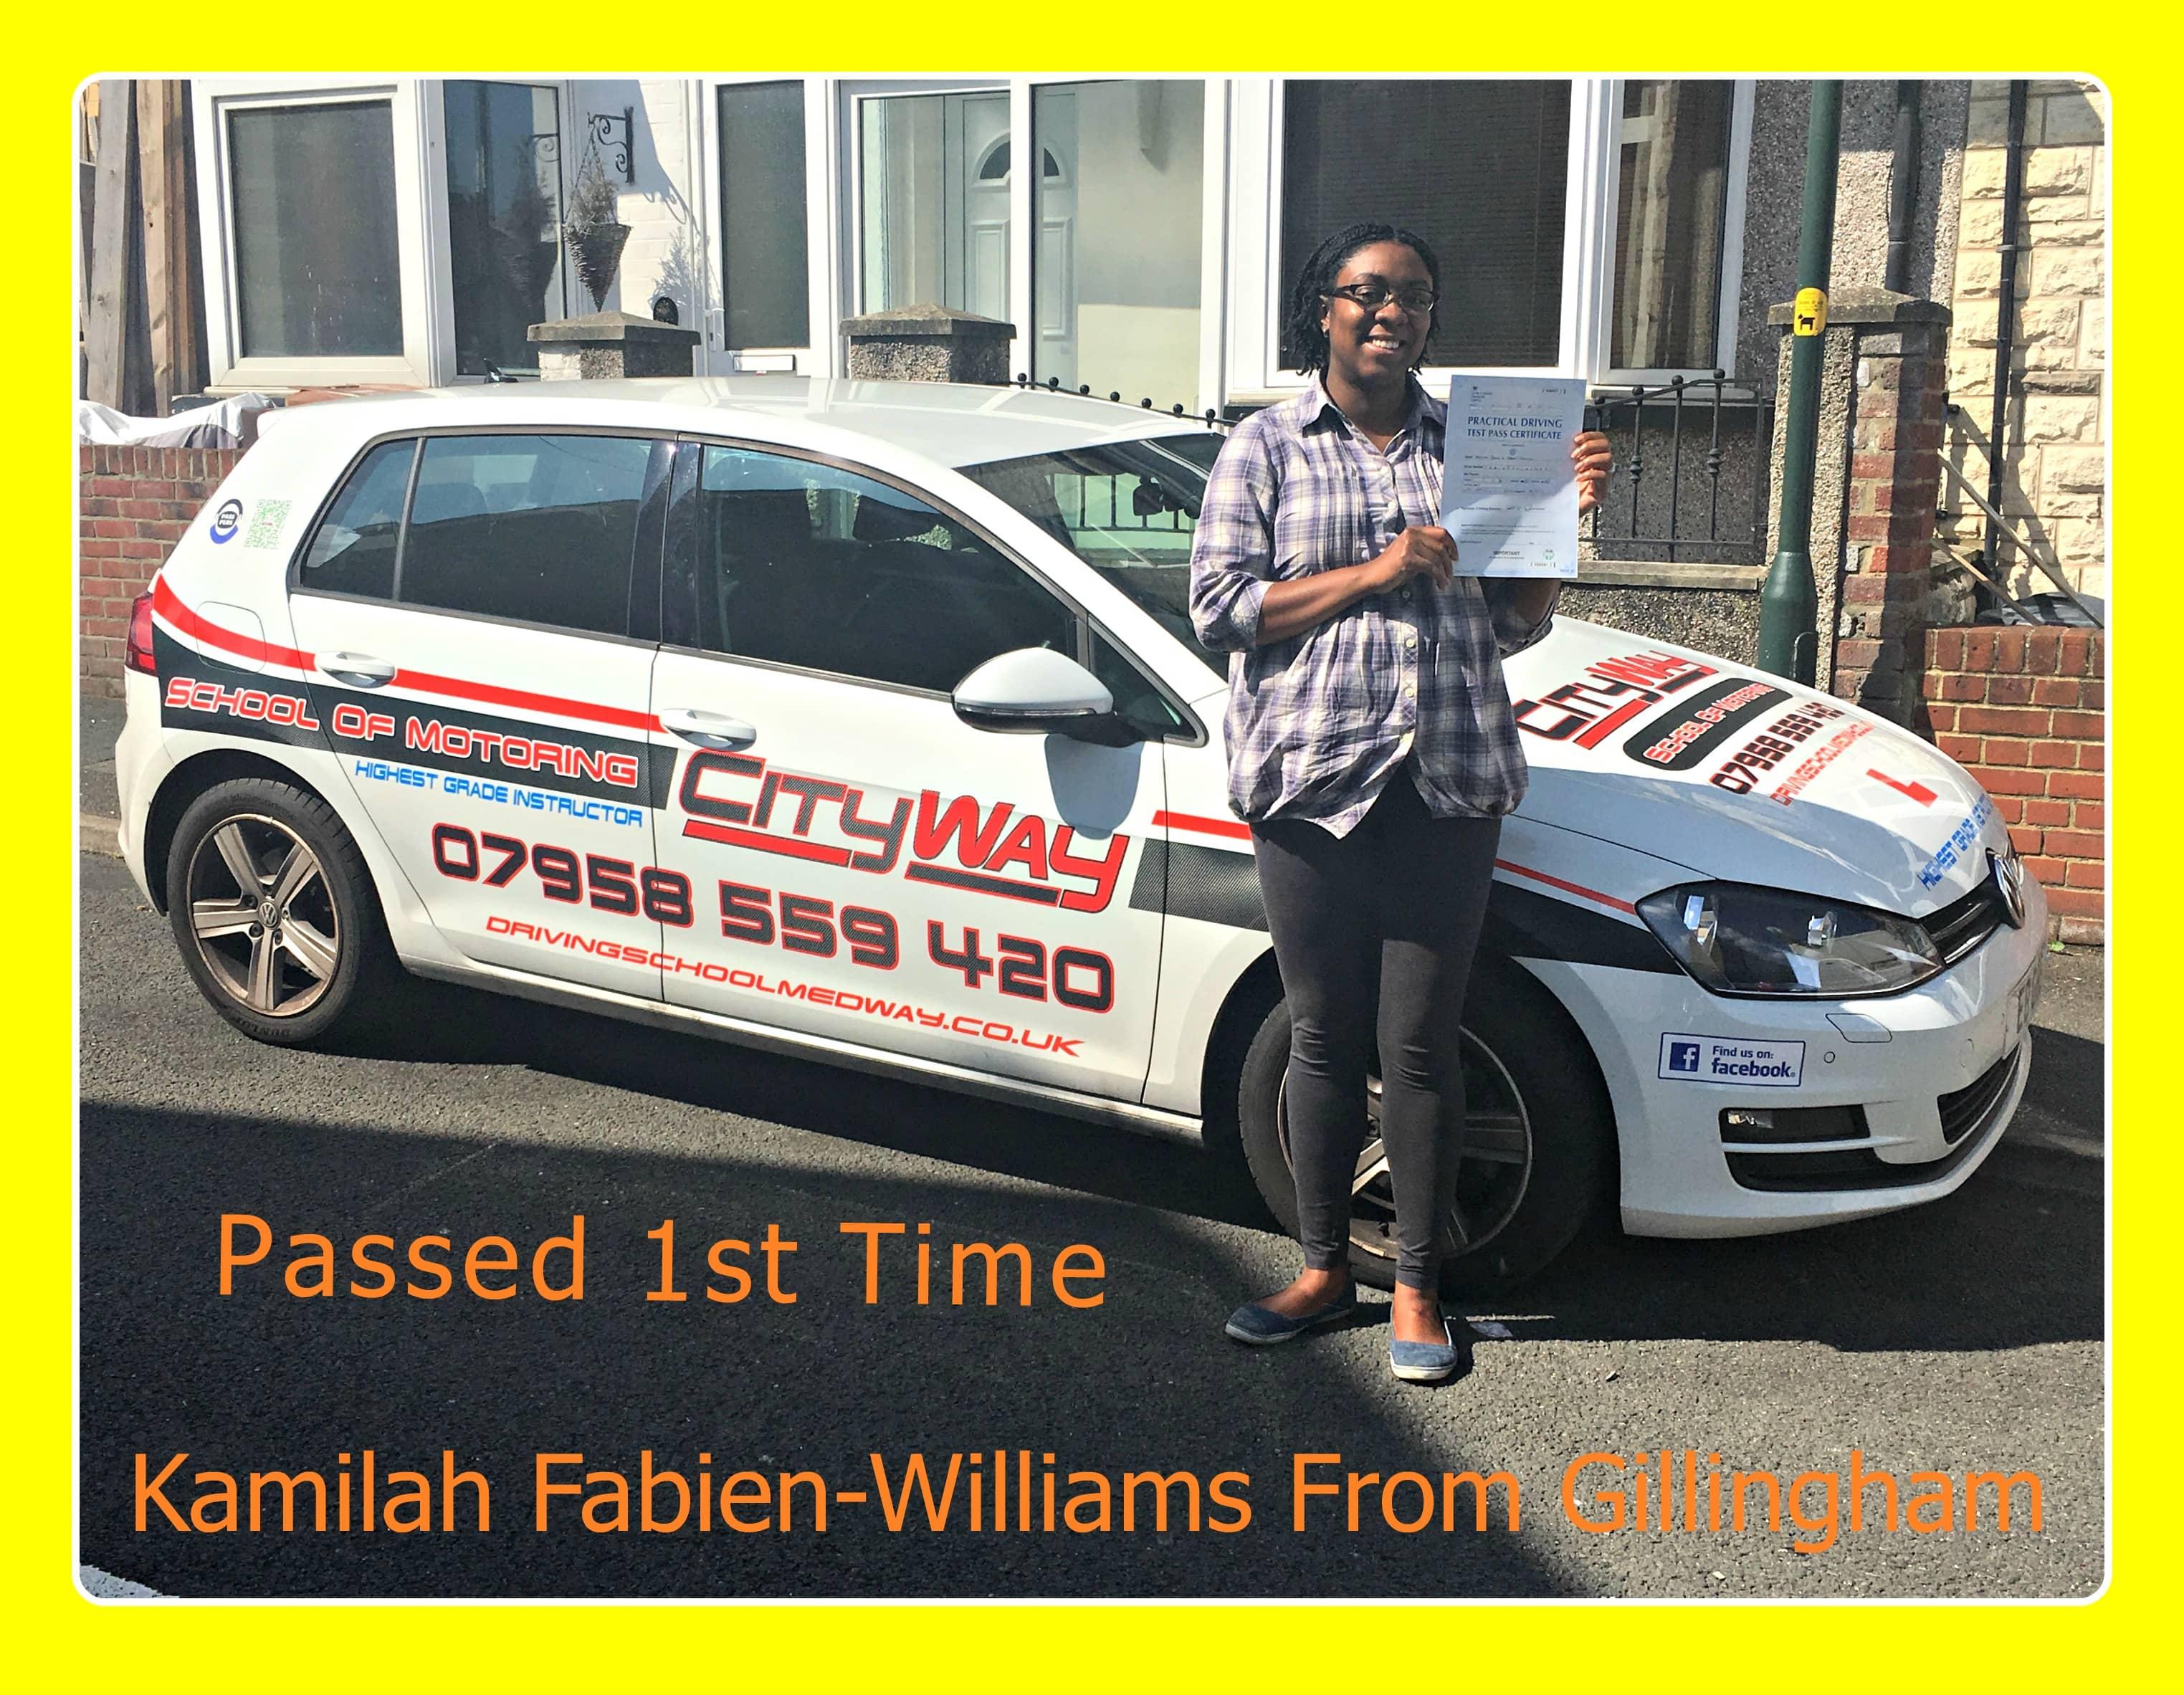 driving lessons gillingham | Kamilah Fabien-Williams